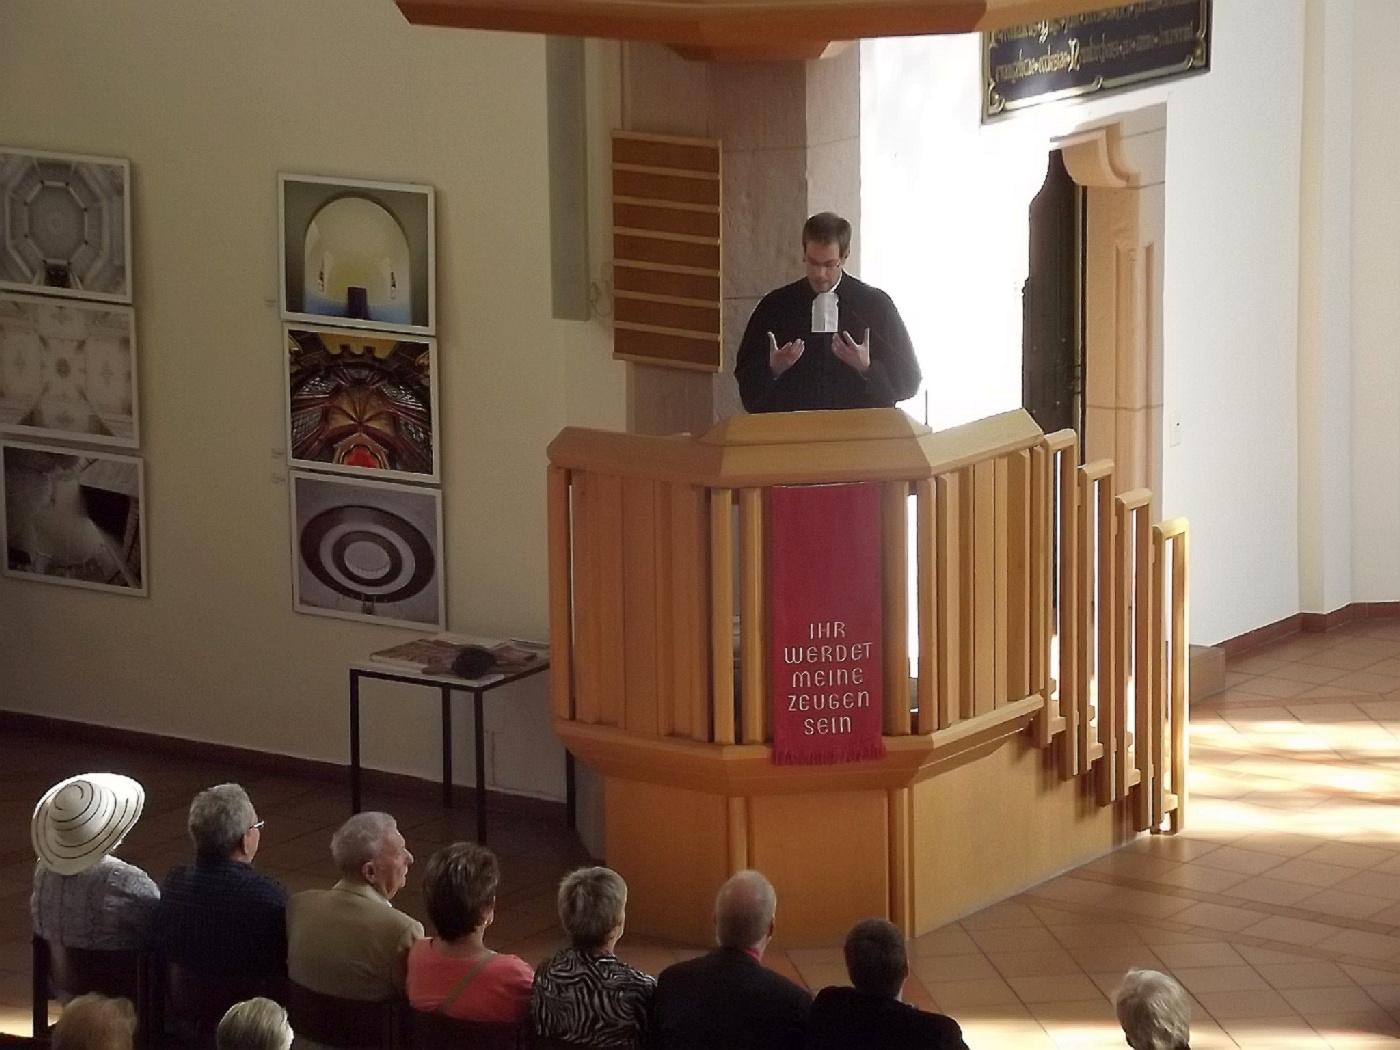 In unseren Kirchen werden die Menschen nicht zurechtgewiesen, sondern es werden gute Worte und Zuversicht verbreitet (Foto: H.-J. Strack)